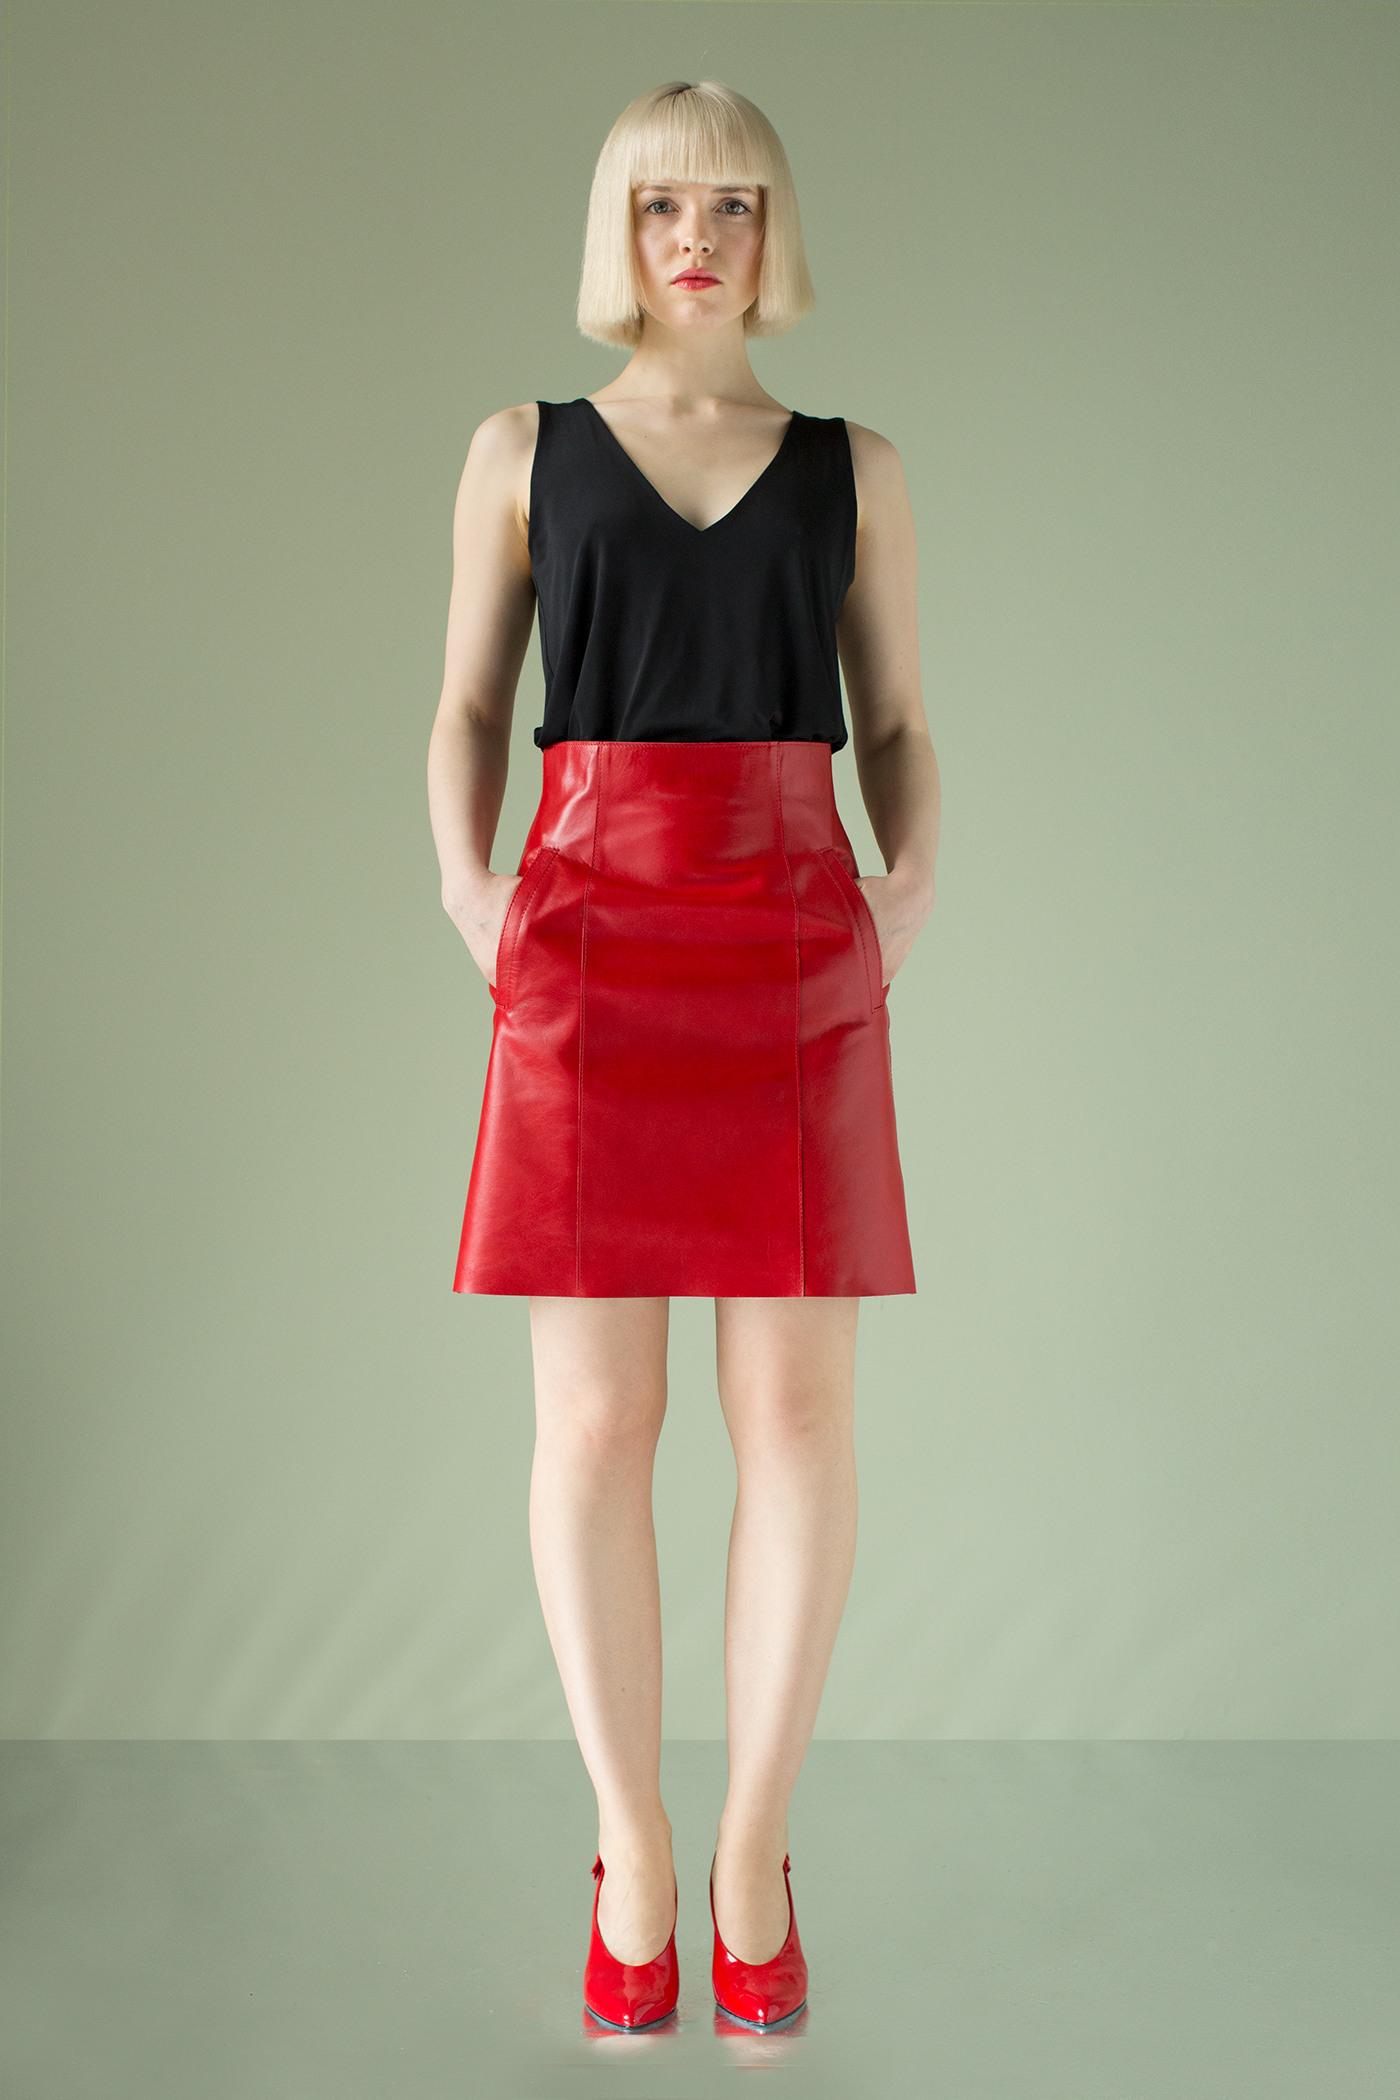 Кожаная юбкаКрасная кожаная юбка на подкладке.&#13;<br>&#13;<br>Прилегающий силуэт, чуть расклешена к низу.&#13;<br>&#13;<br>Линия талии завышена на 5 см.&#13;<br>&#13;<br>Застежка по центру задней части на металлическую молнию, длина 19 см.&#13;<br>&#13;<br>Карманы с листочкой на боковых частях переднего полотнища.&#13;<br>&#13;<br>На переднем и заднем полотнищах рельефные швы.&#13;<br>&#13;<br> &#13;<br>&#13;<br>Длина на рост 158-164 см- 48см; на рост 164-170 см - 50см; на рост 170-176 см- 52 см.<br><br>Цвет: Красный<br>Размер: XS, S, M<br>Ростовка: 158 -164, 164 -170, 170 -176